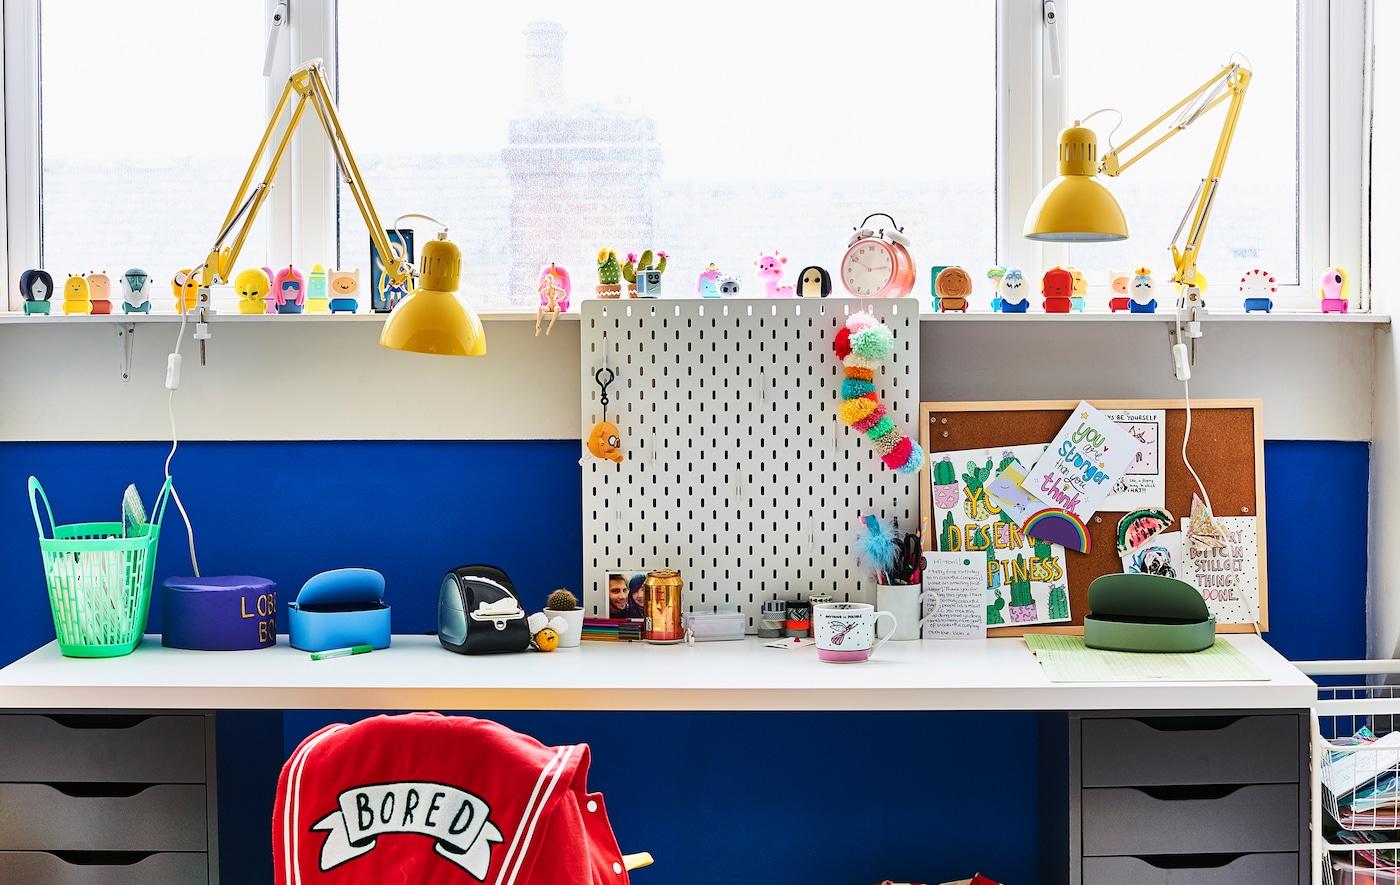 Ein weisser Schreibtisch und gelbe Leuchten vor einer blauen Wand